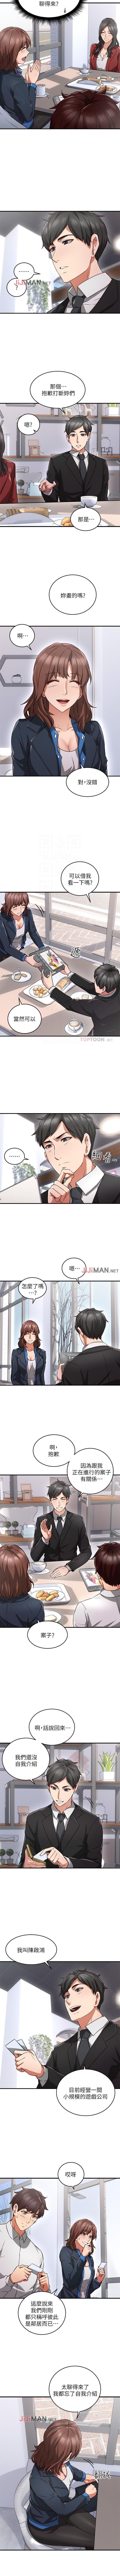 【周六更新】邻居人妻(作者:李周元 & 頸枕) 第1~50话 67